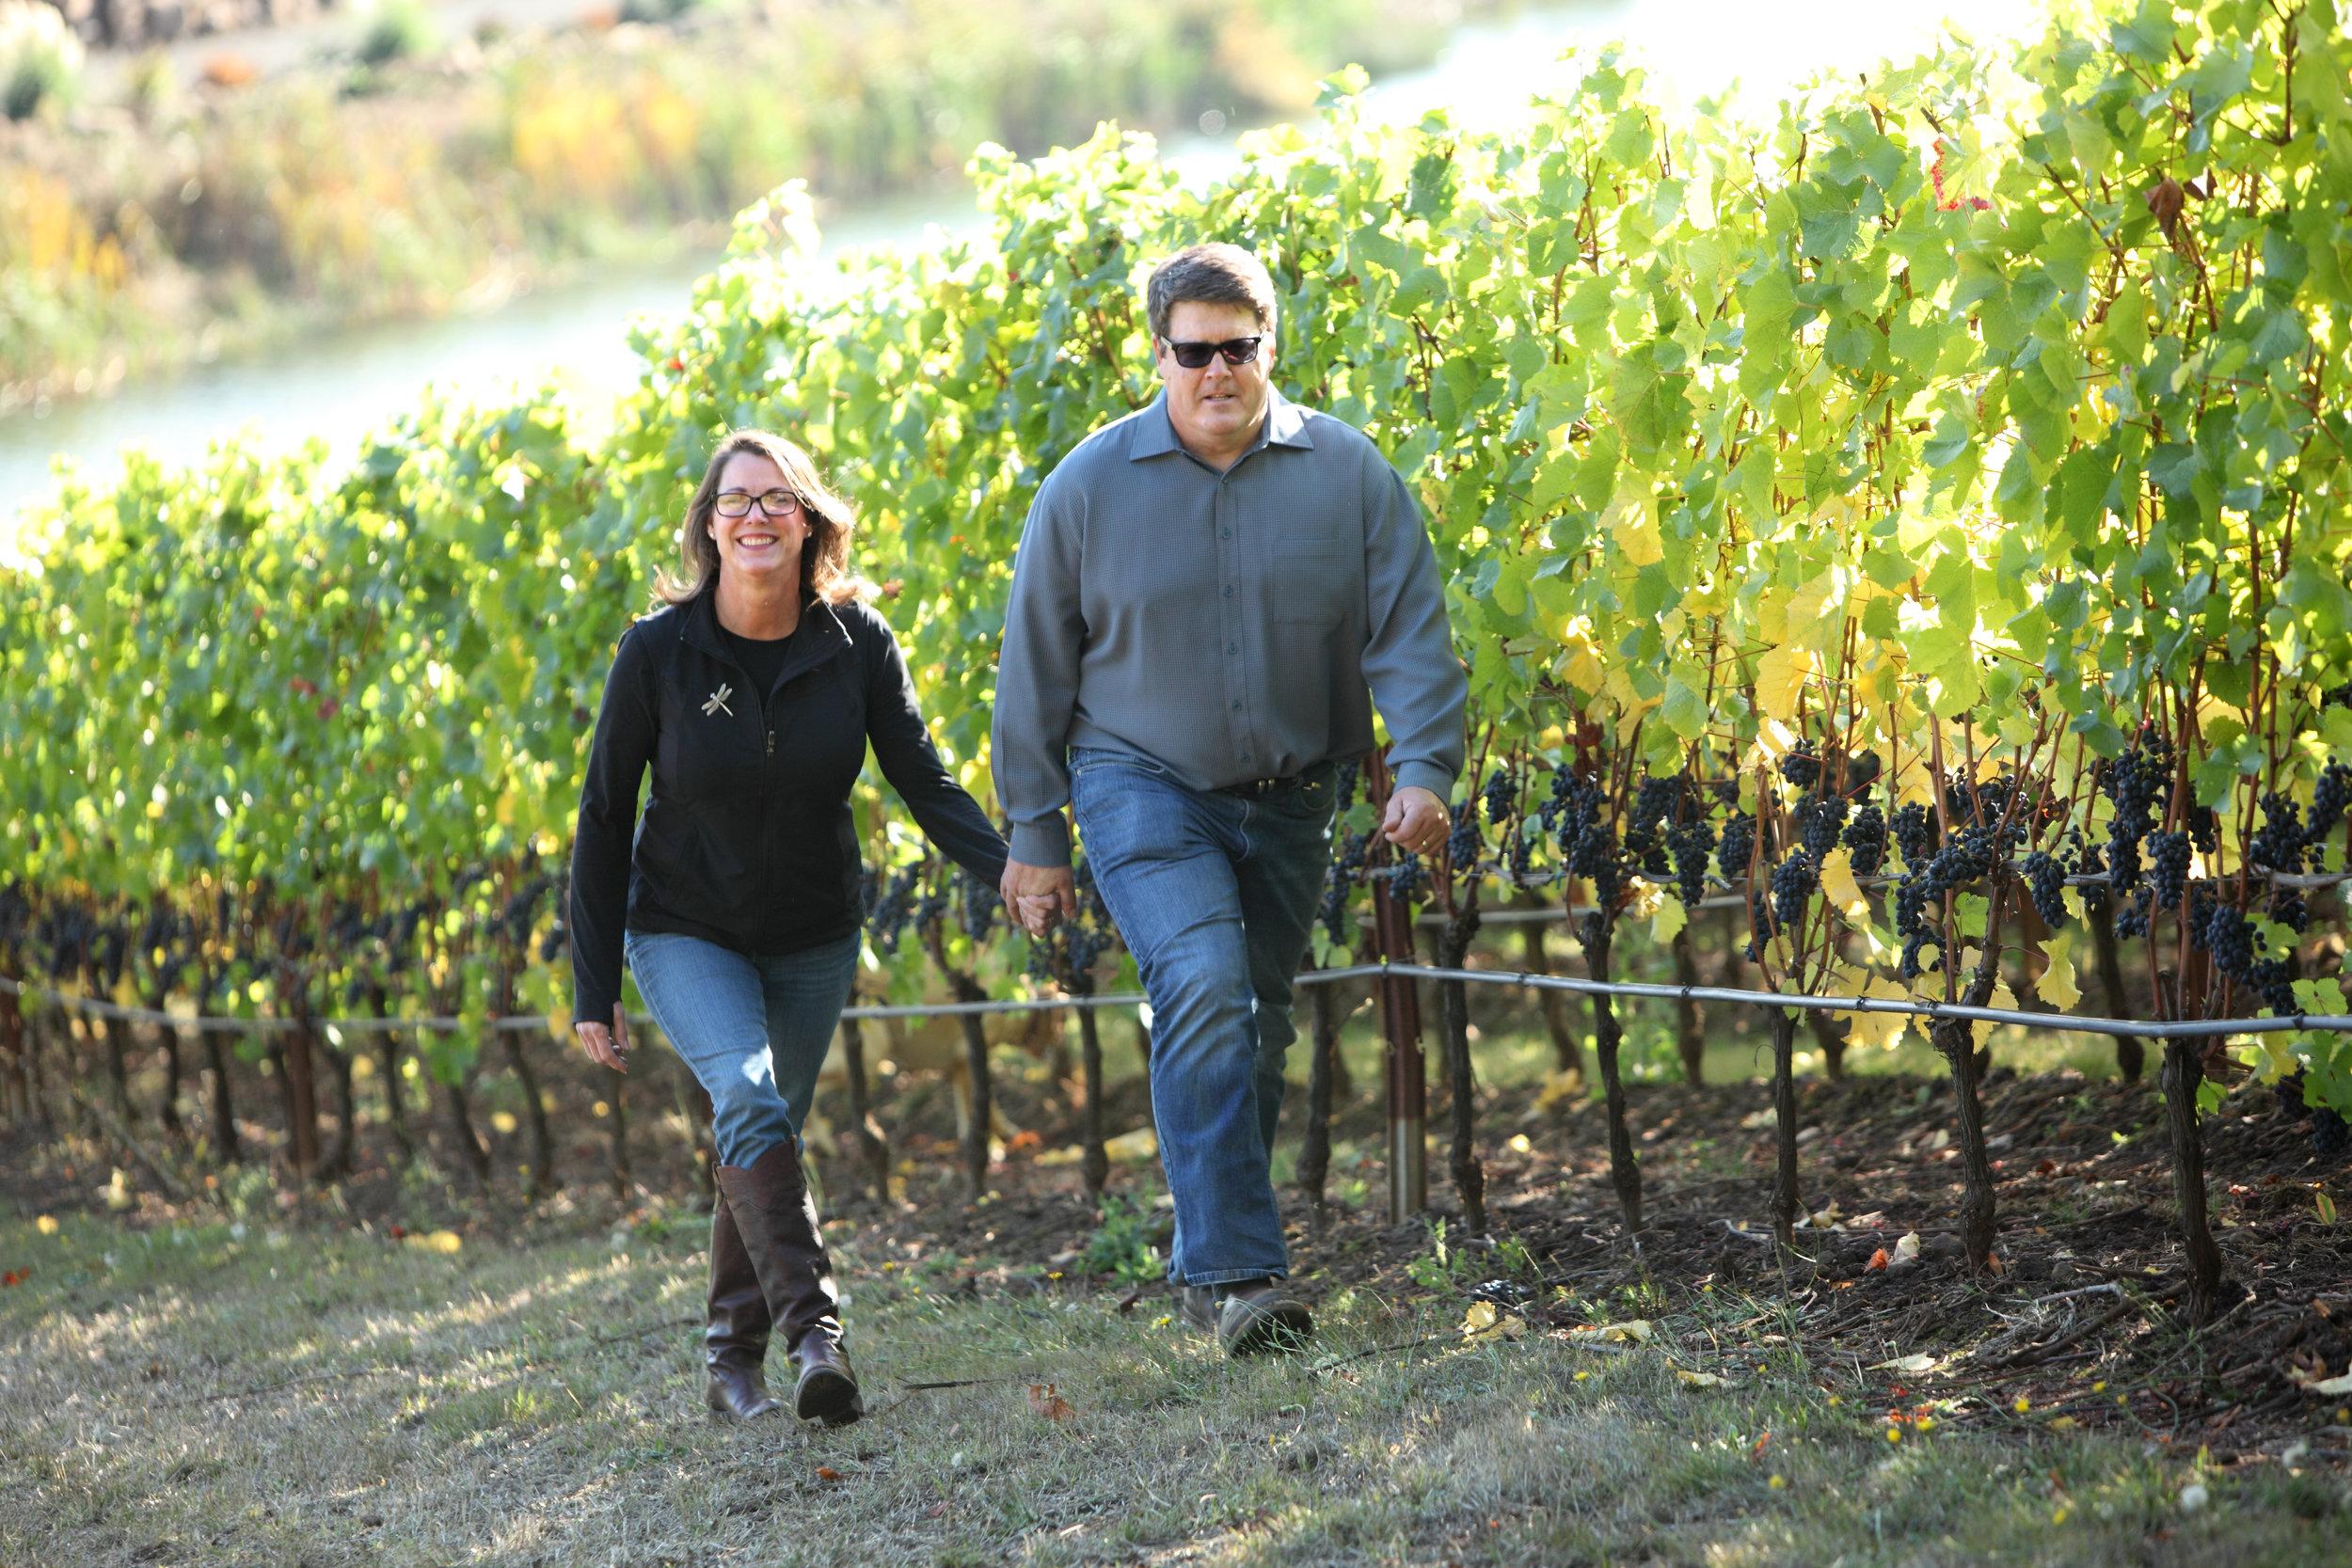 4751700020 pat and jackie vines.jpg